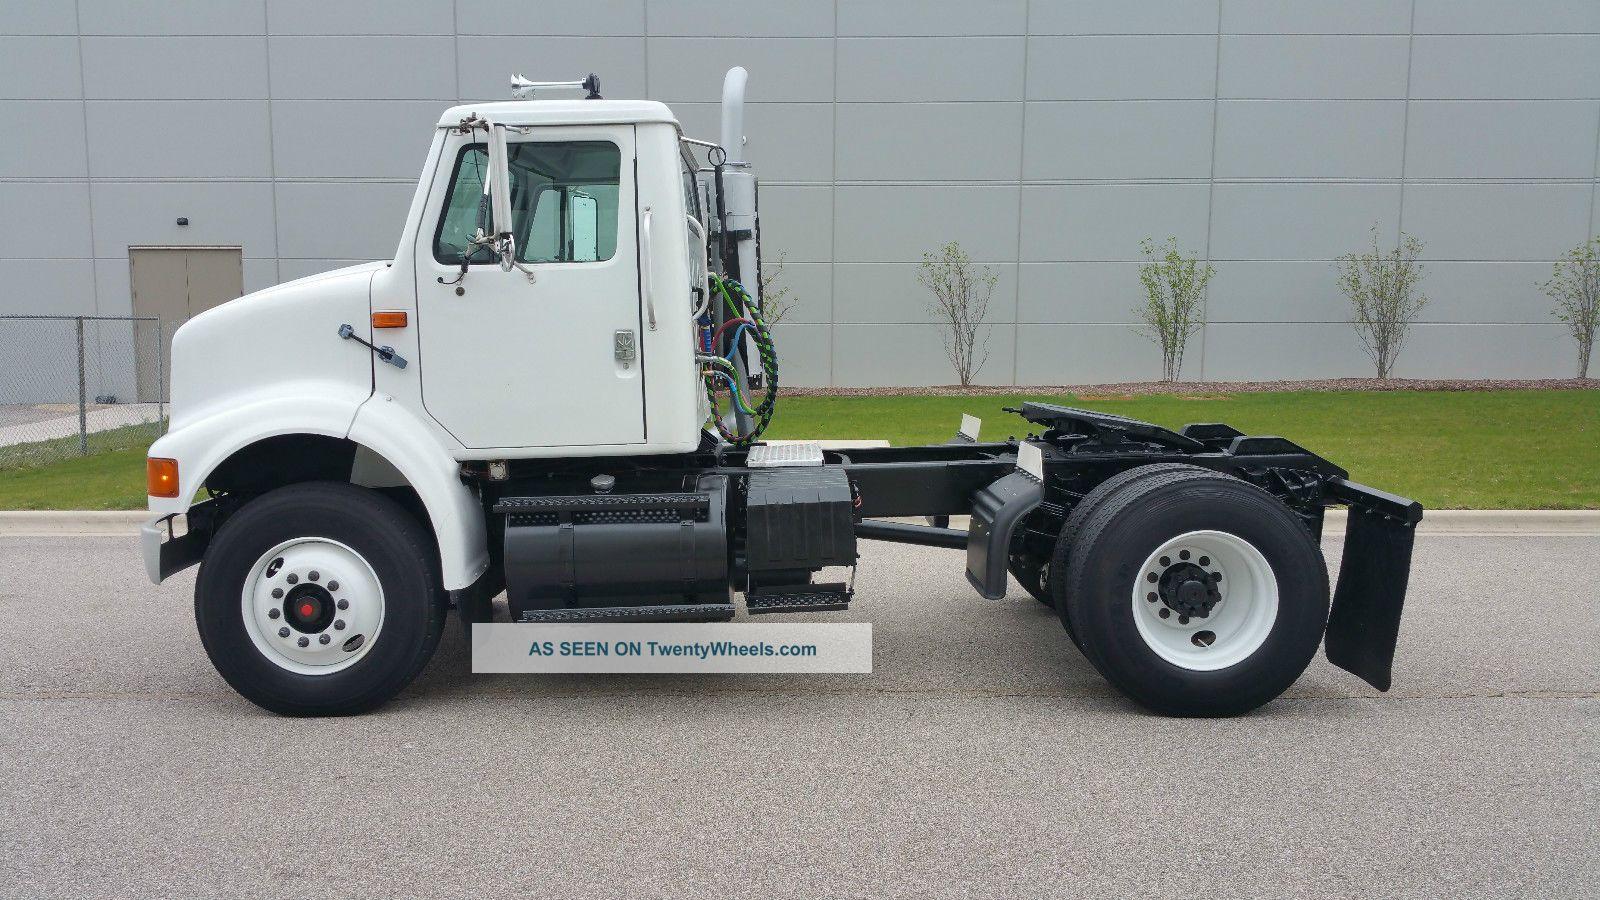 Single Axle Semi Tractors : International single axle day cab semi tractor no